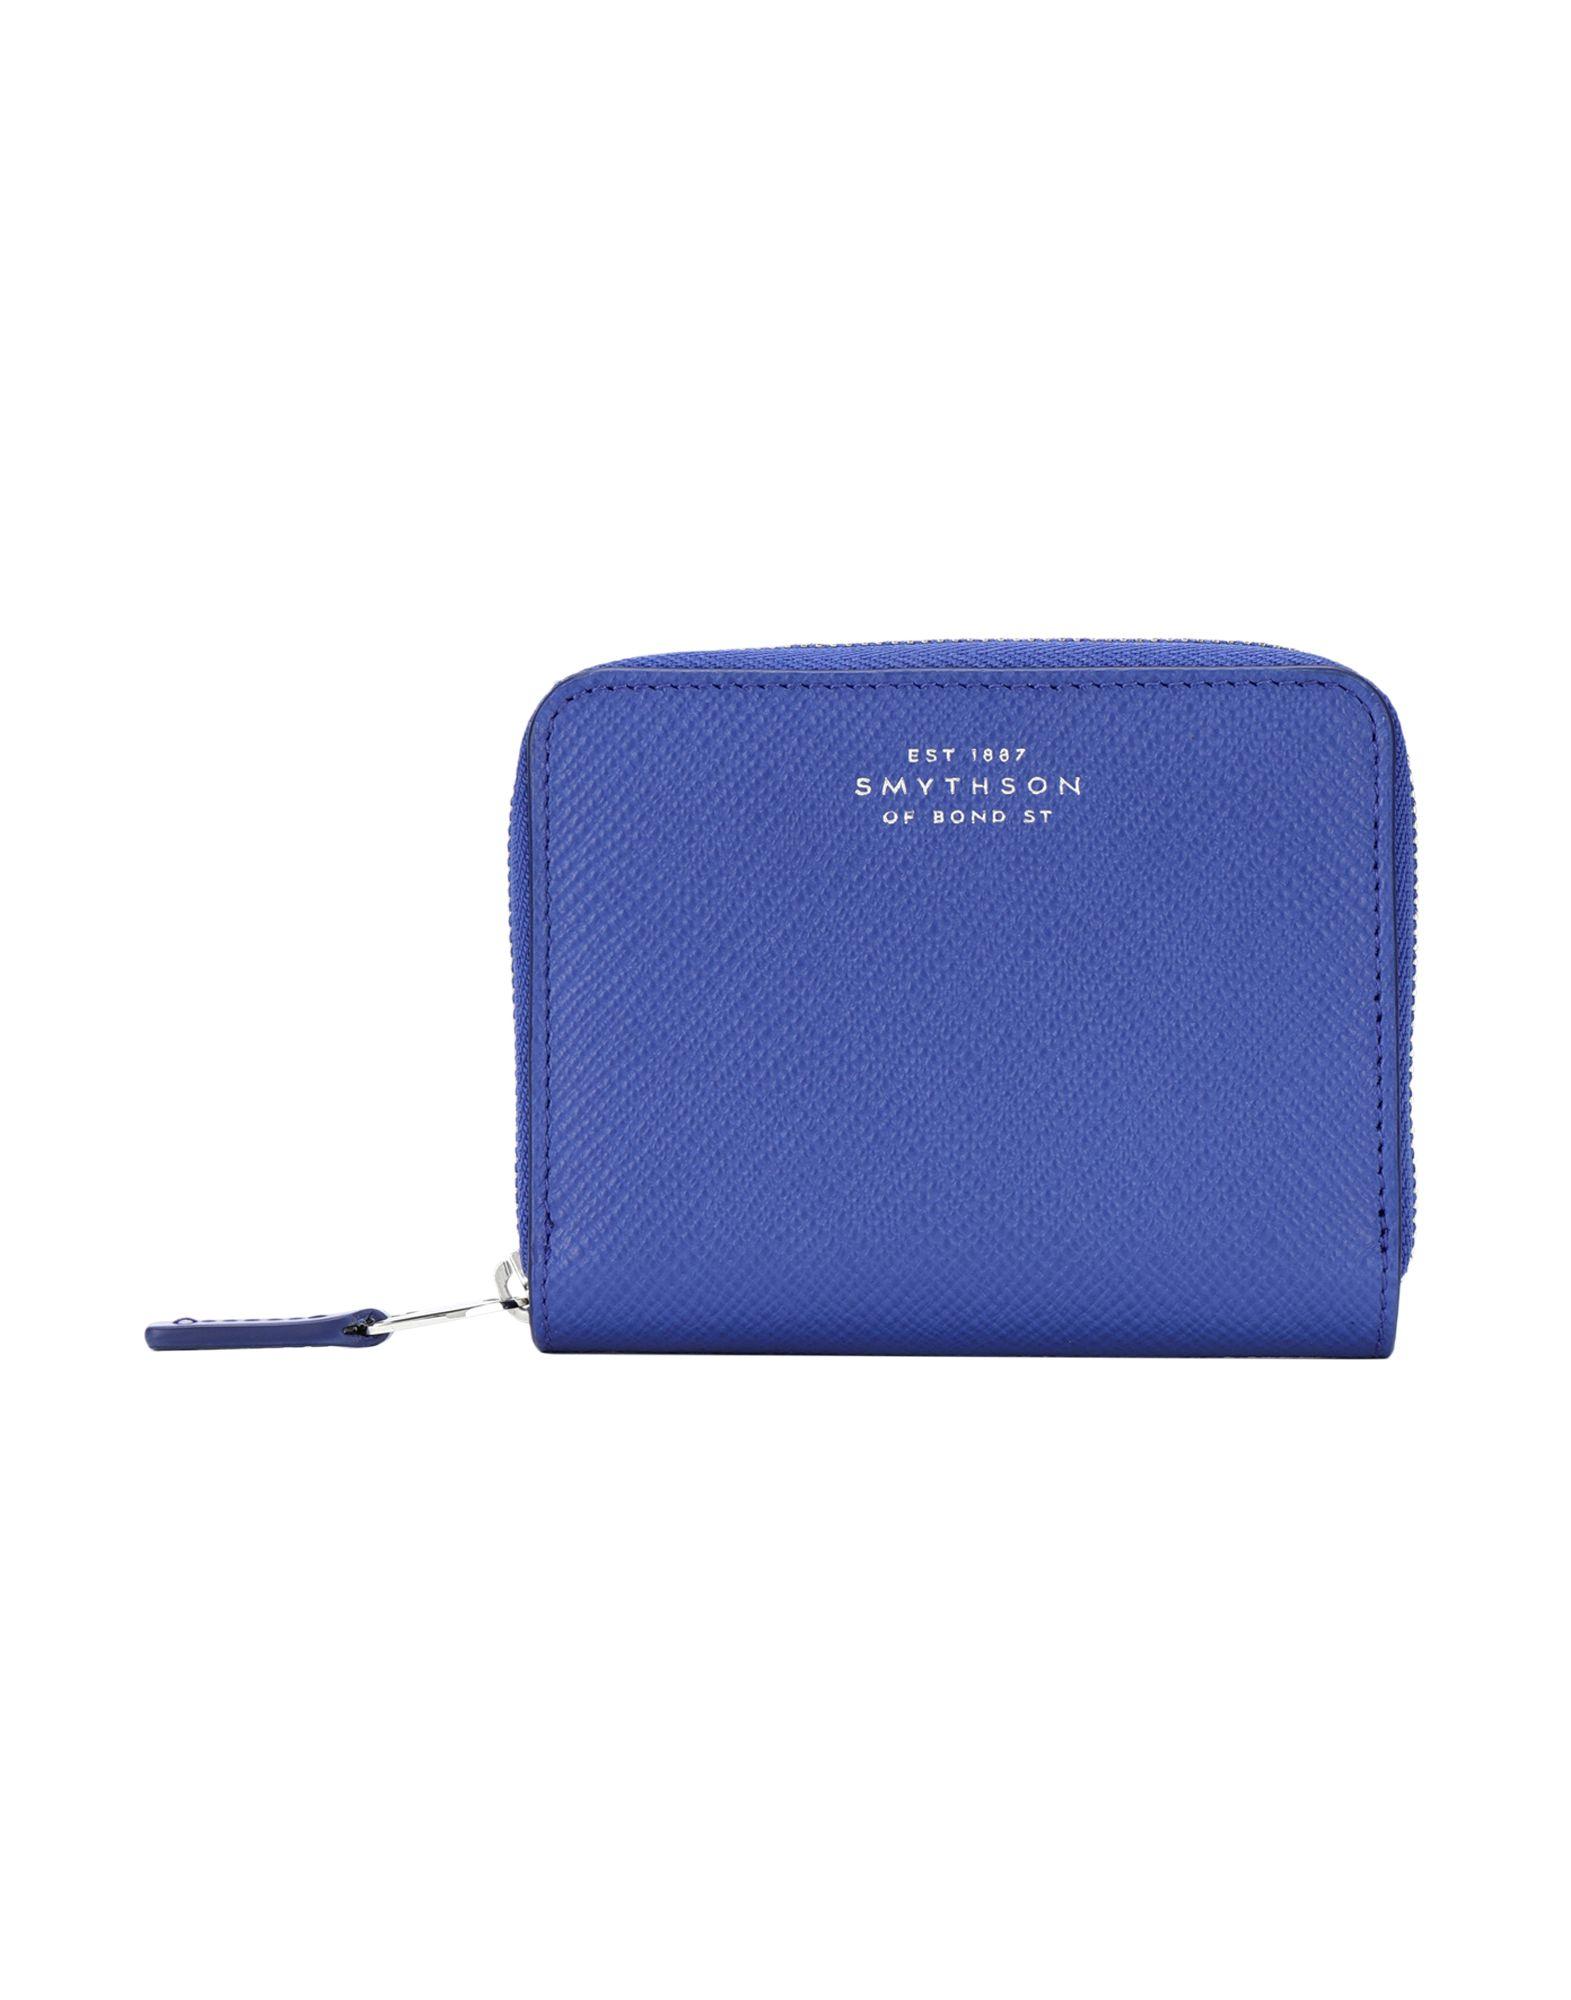 《送料無料》SMYTHSON レディース 財布 ブライトブルー 牛革(カーフ) 100% PANAMA zip coin purse 4CC